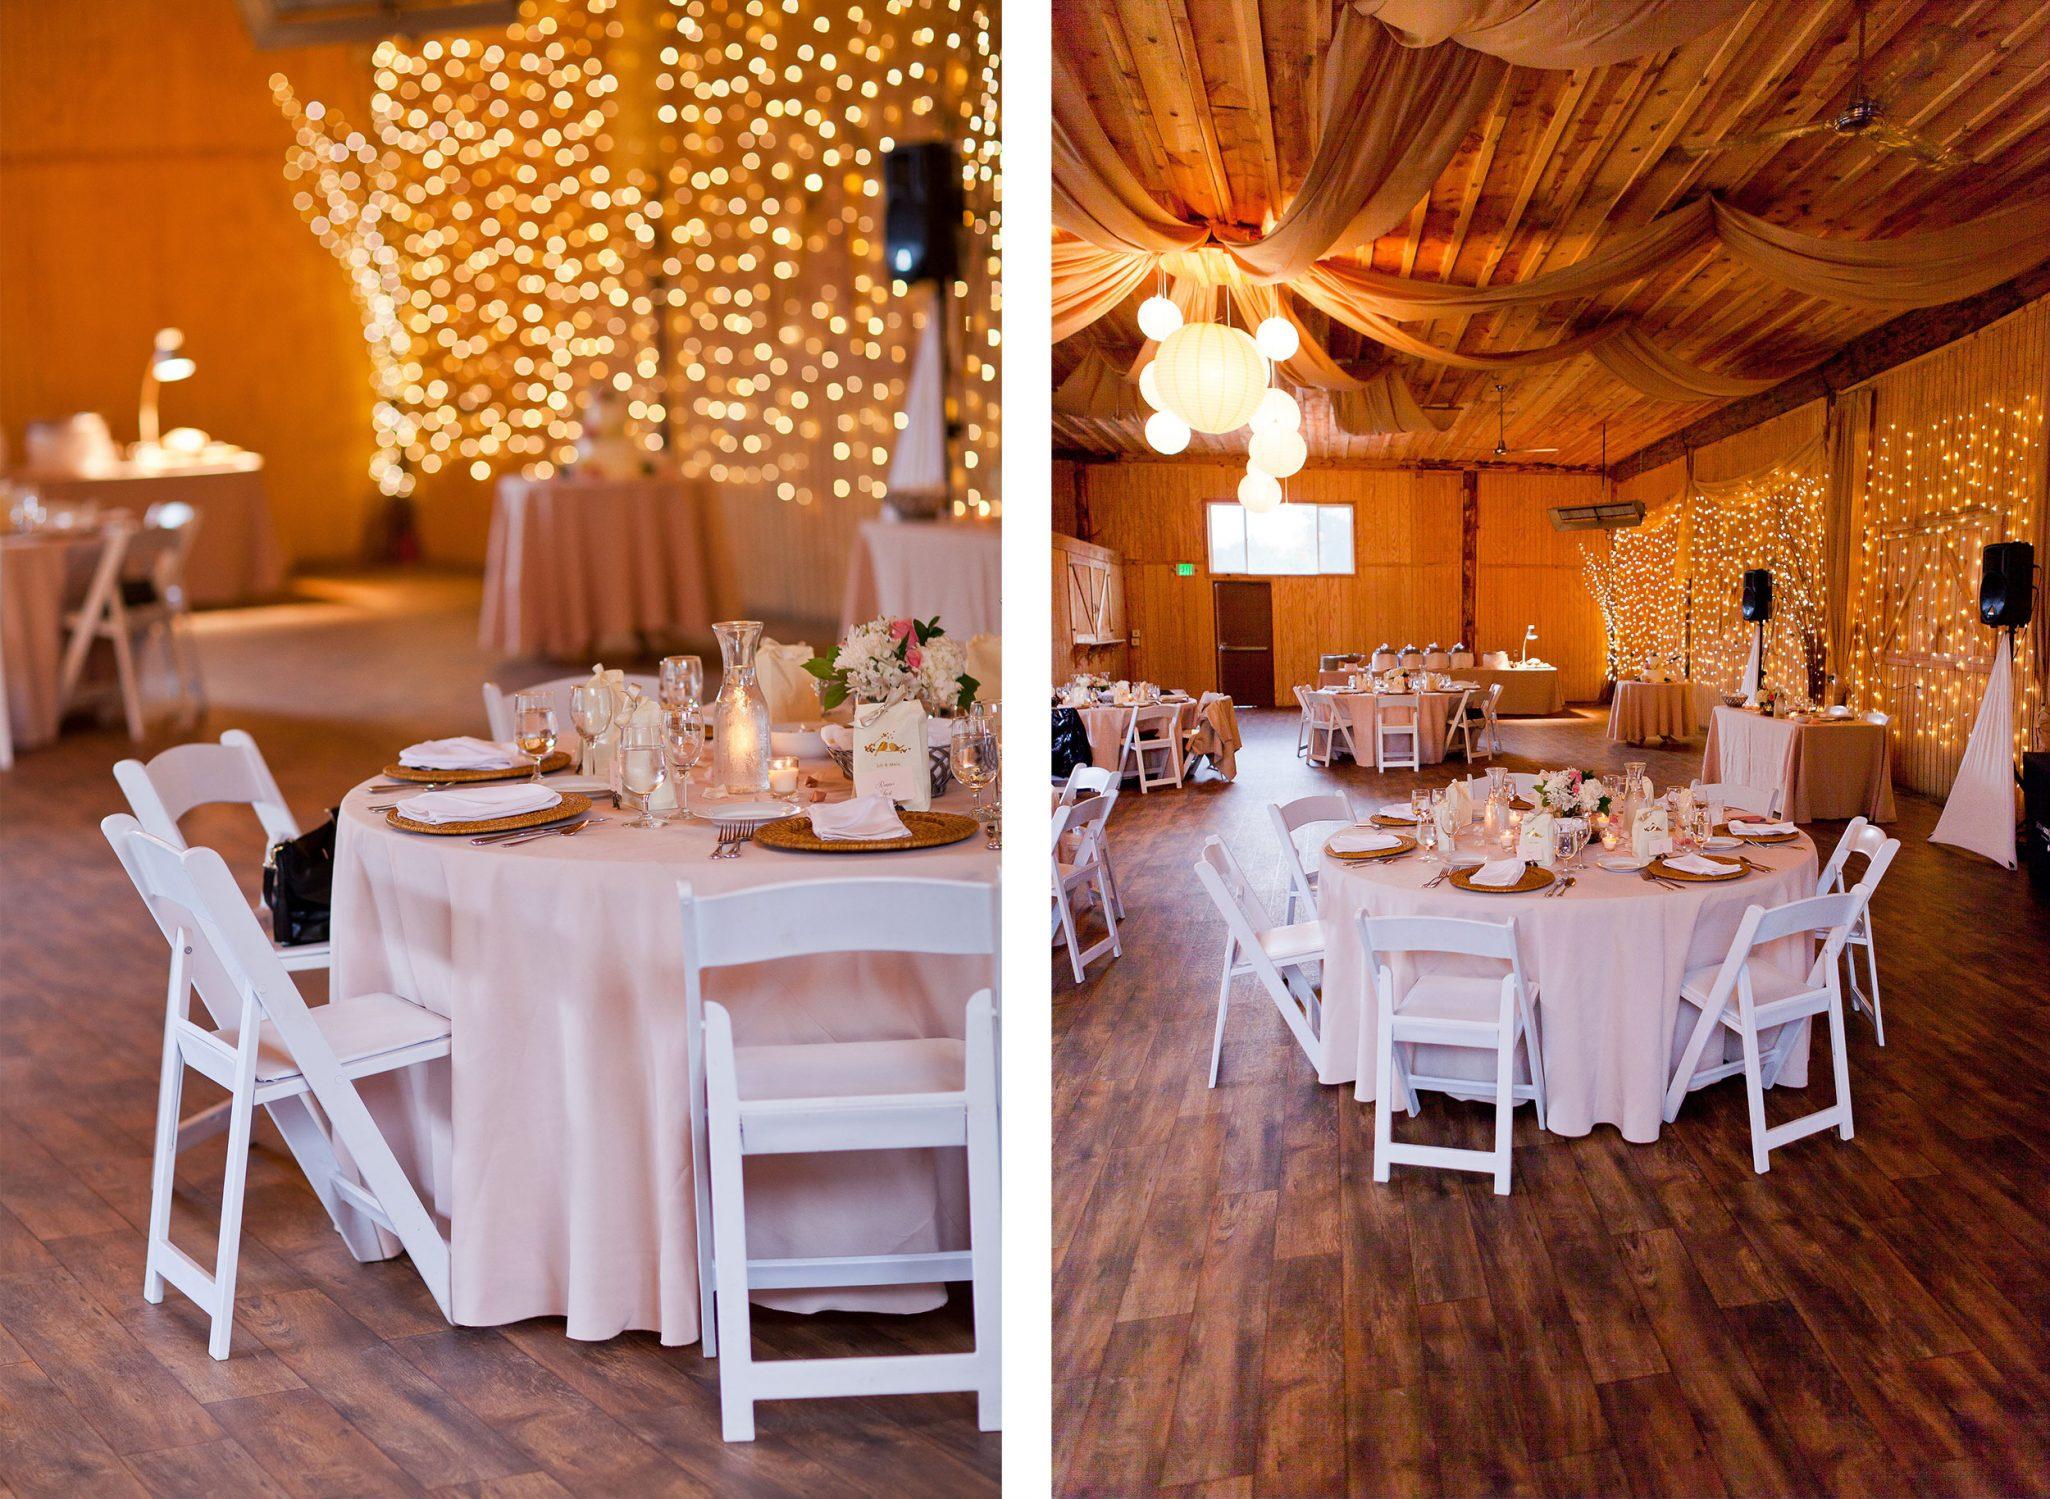 Wedding Reception at River Bend Ranch in Durango, Colorado